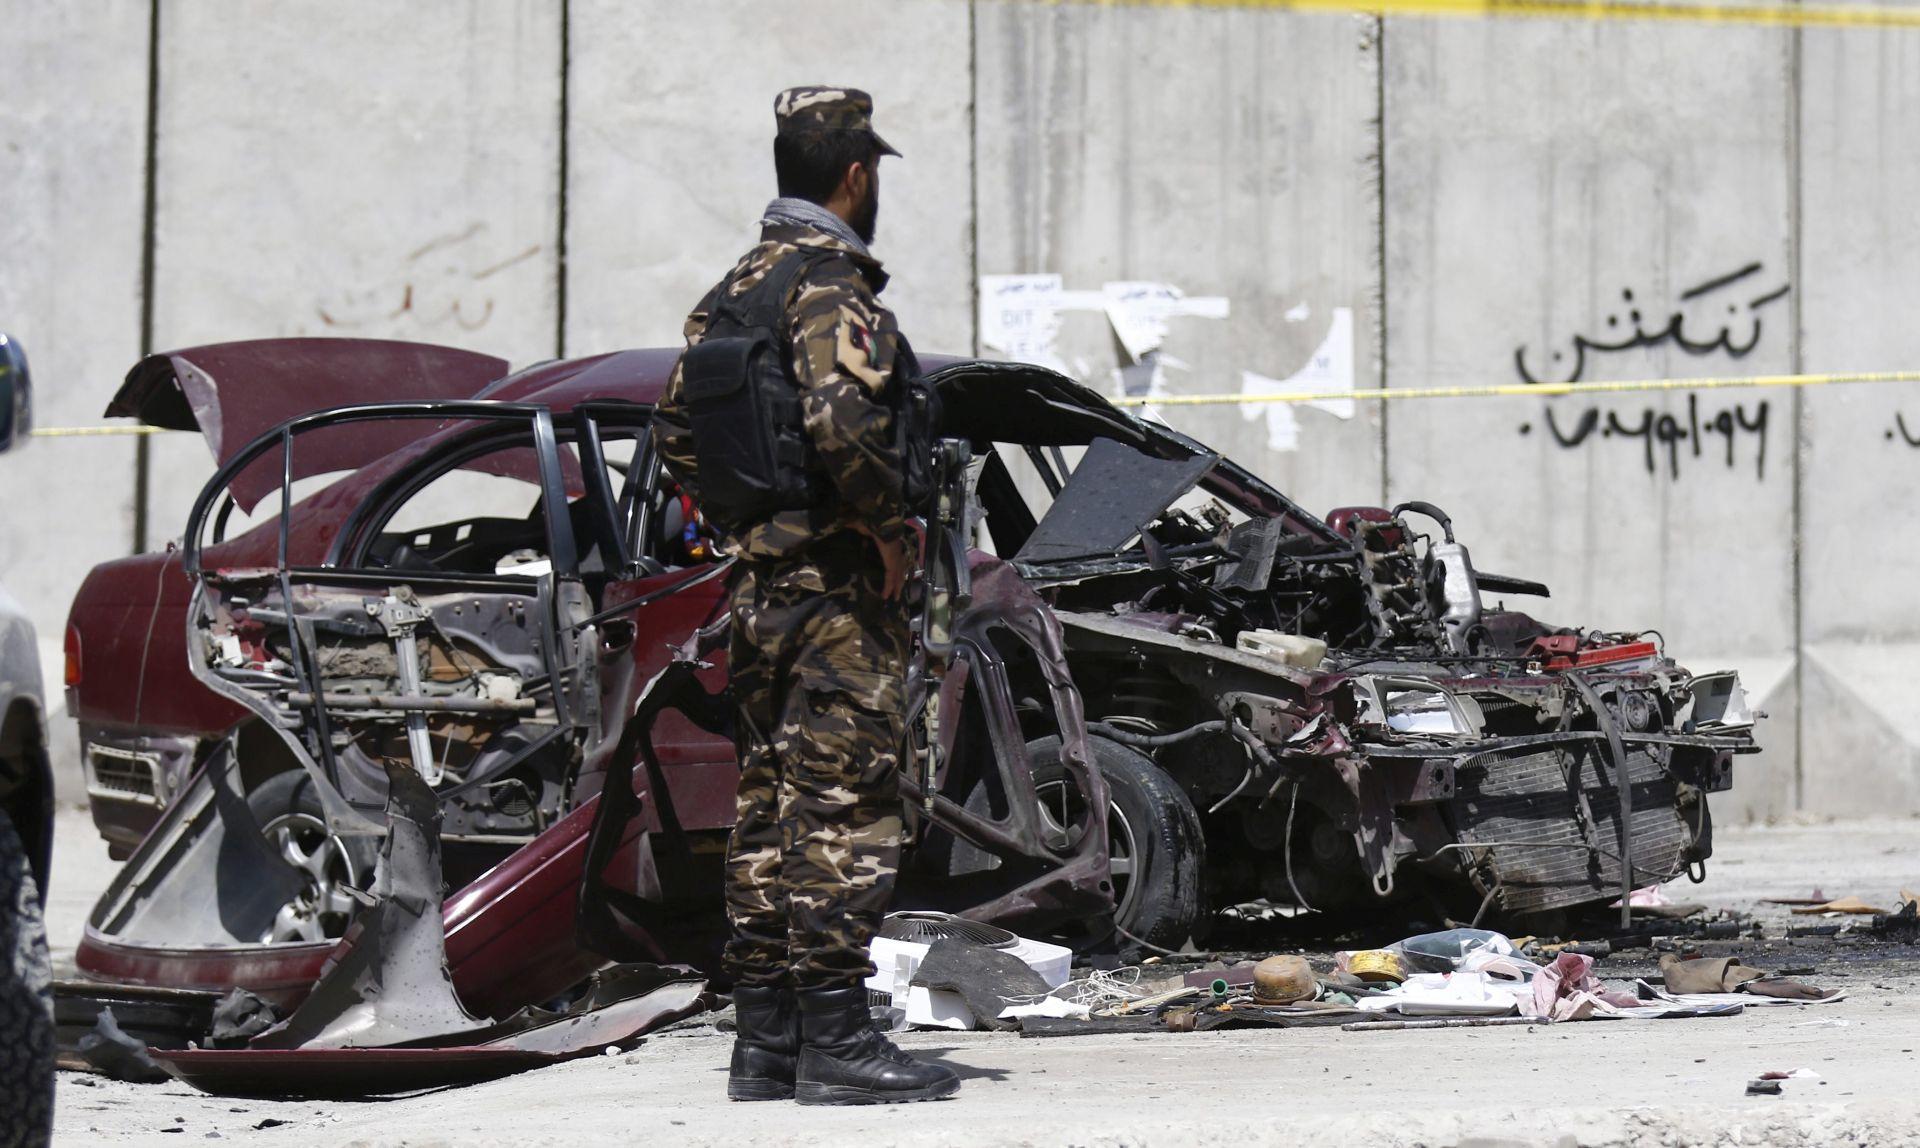 DVOSTRUKI BOMBAŠKI NAPAD U KABULU Najmanje 24 mrtva, gotovo 100 ranjenih